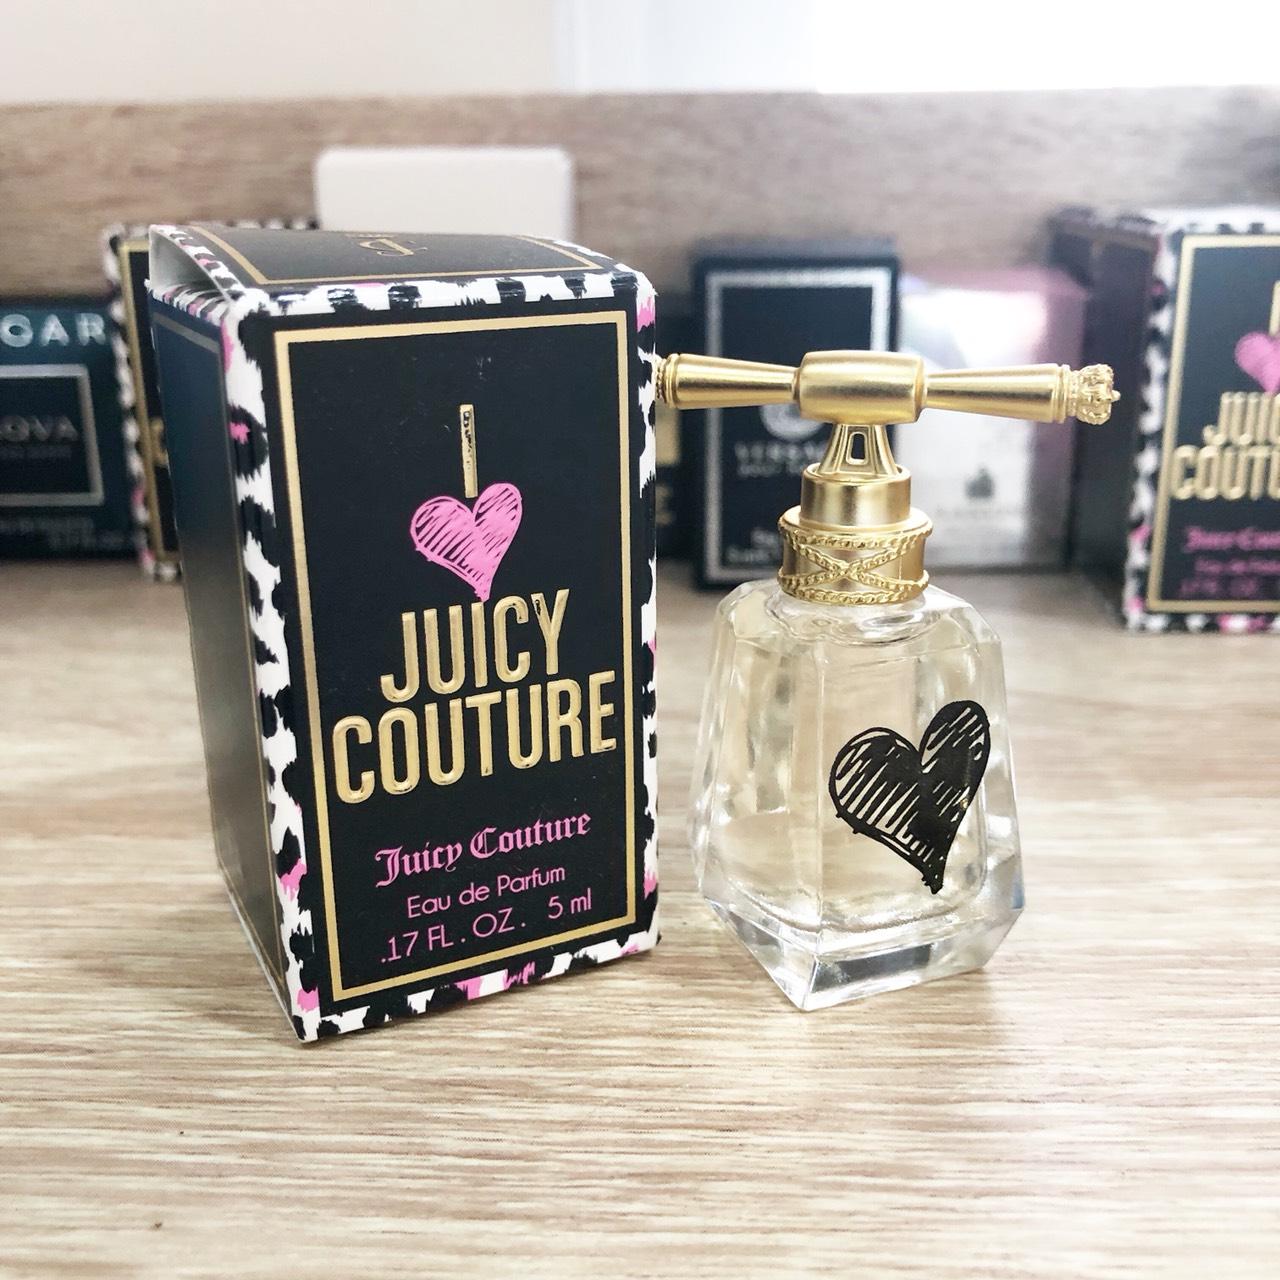 น้ำหอมจิ๋ว Juicy Couture I Love Juicy Couture EDP 5ml.